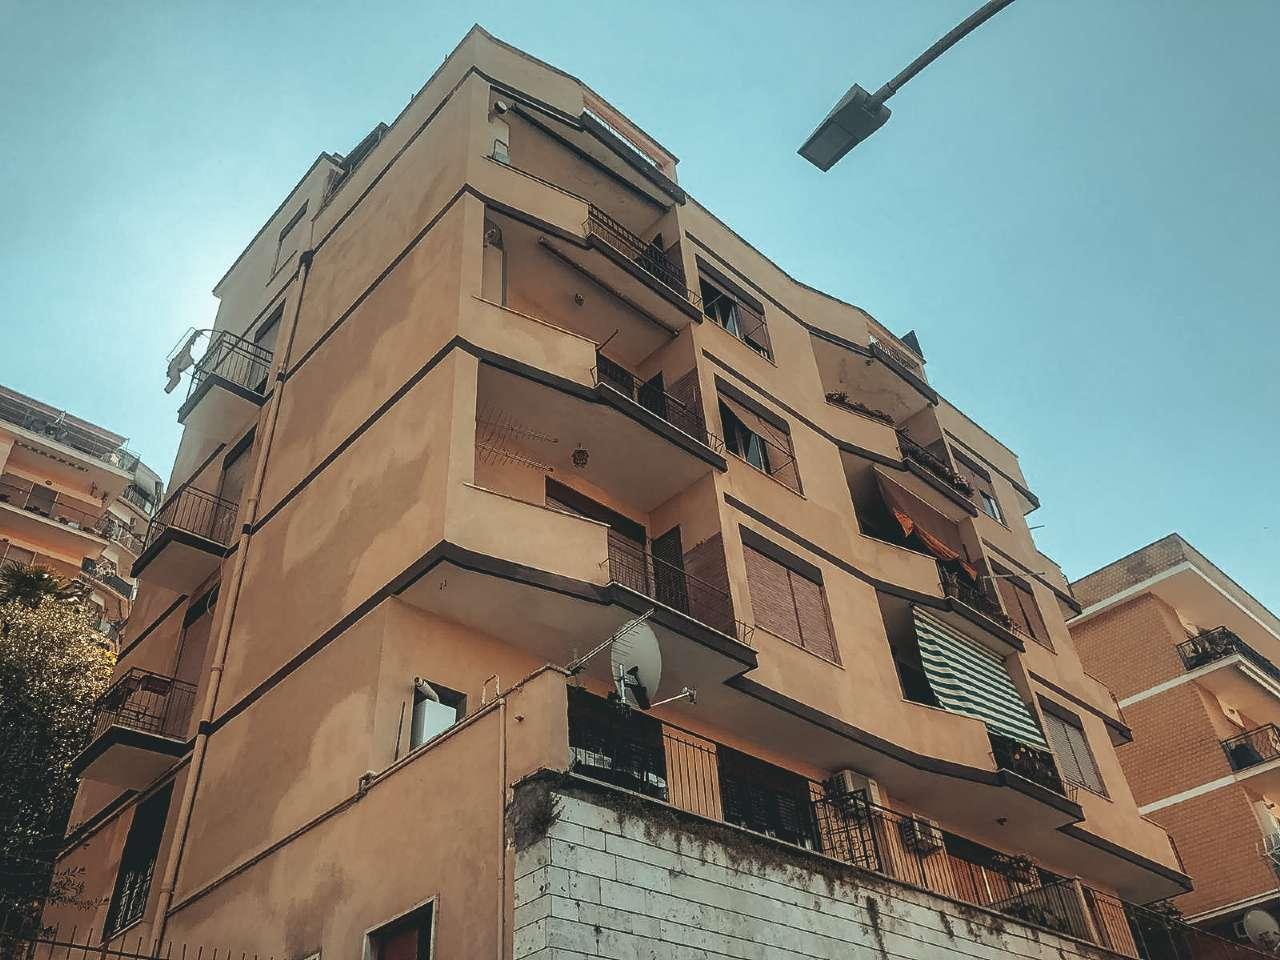 Appartamento in vendita a Tivoli, 2 locali, prezzo € 63.000 | PortaleAgenzieImmobiliari.it